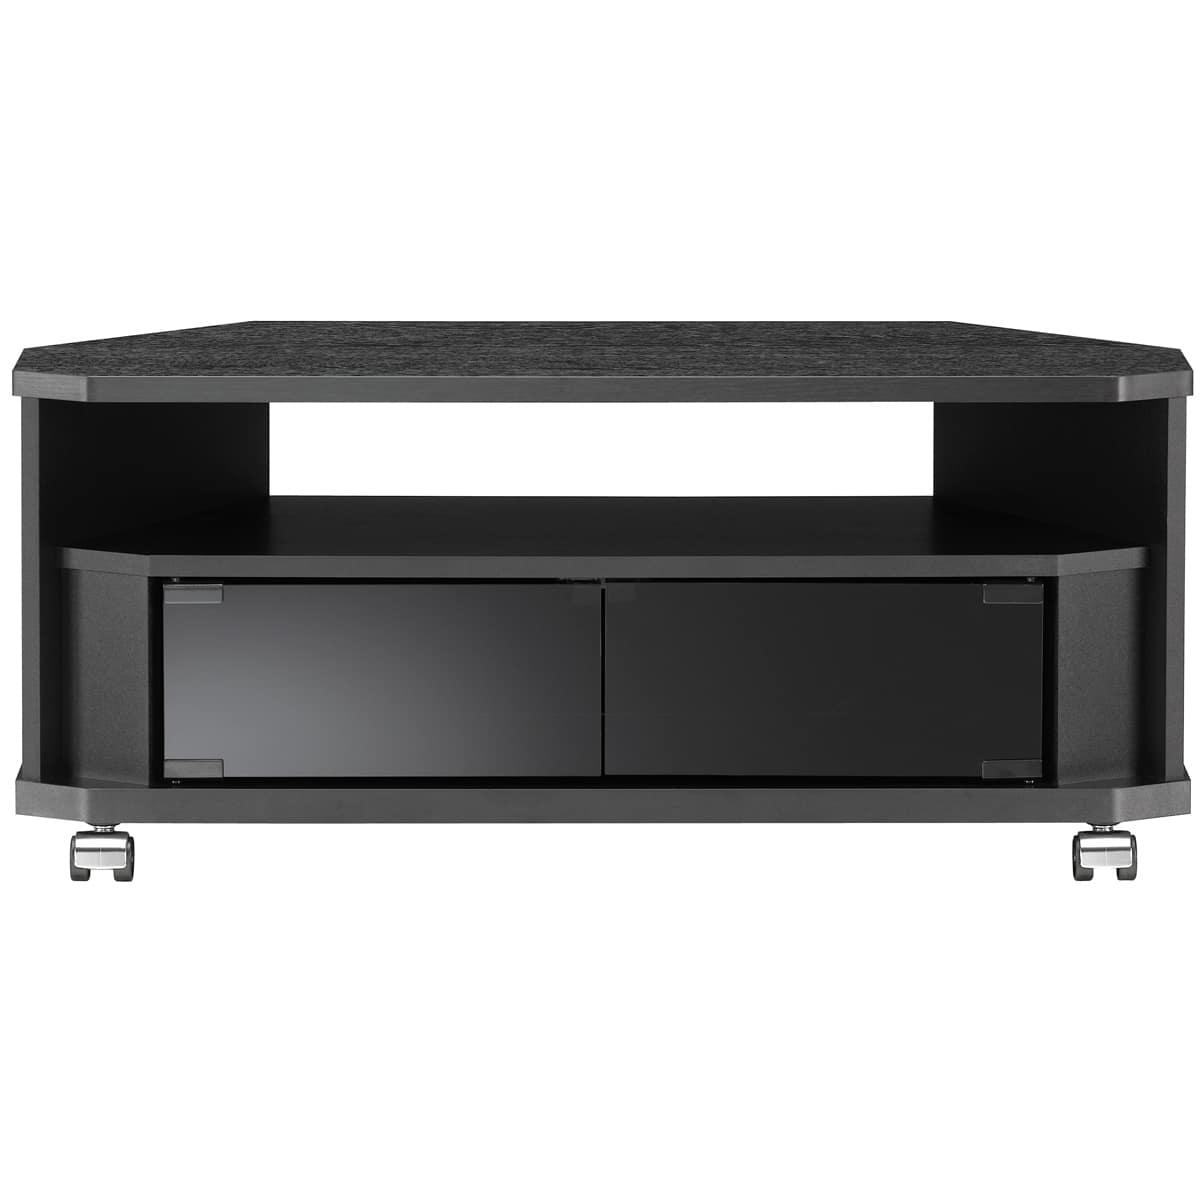 テレビ台 NOA−800AV−BKブラック